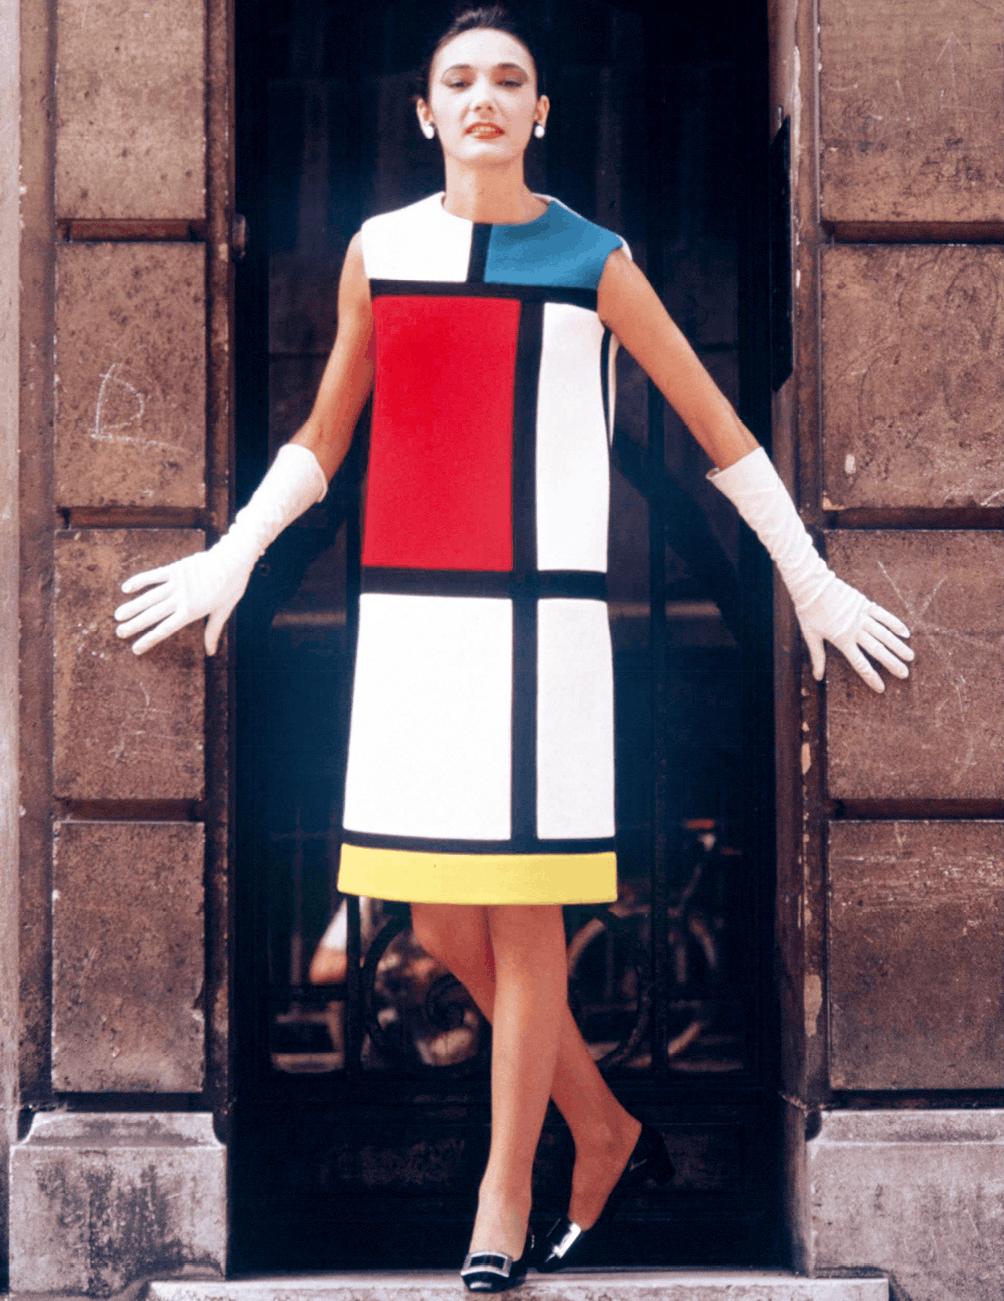 Louis Dalmas, Muriel portant une « robe Mondrian », juillet 1965, photographie.